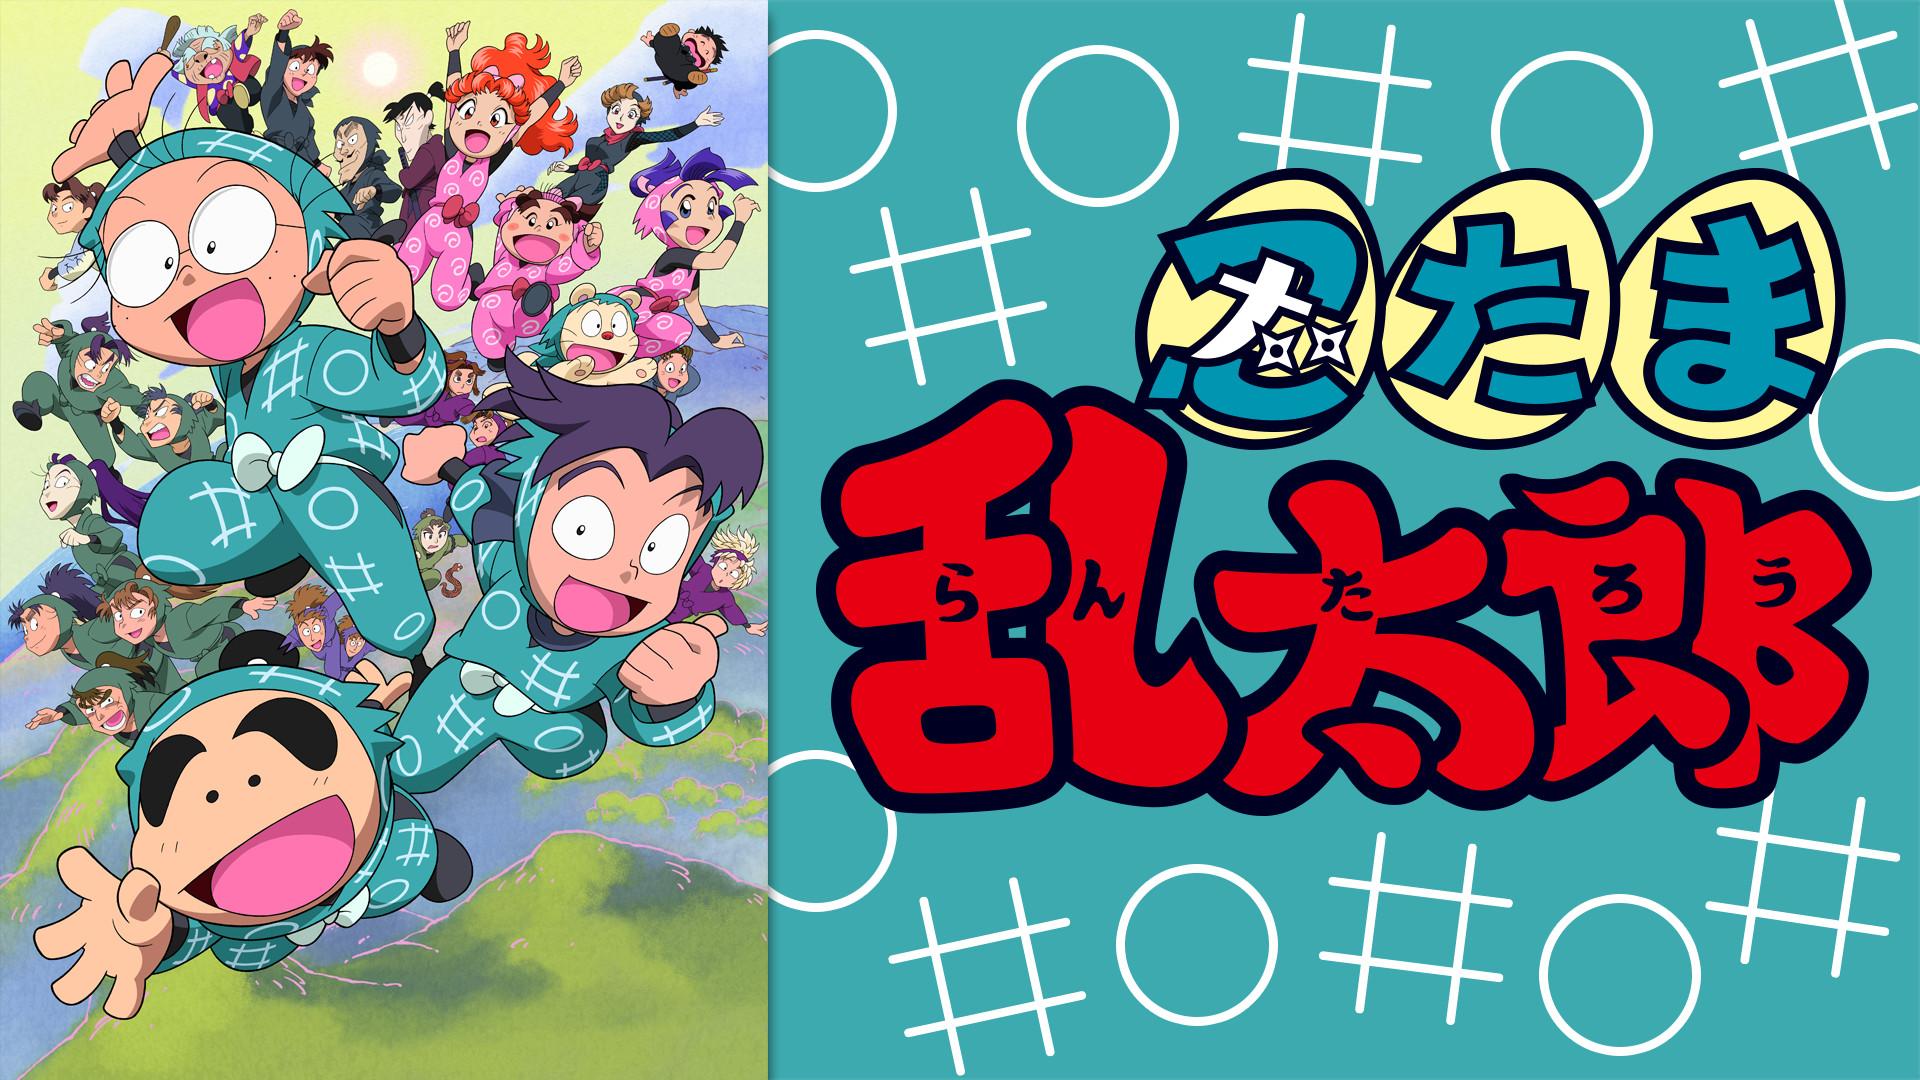 忍たま乱太郎 第17シリーズ 第25話 第48話 アニメ動画見放題 Dアニメストア